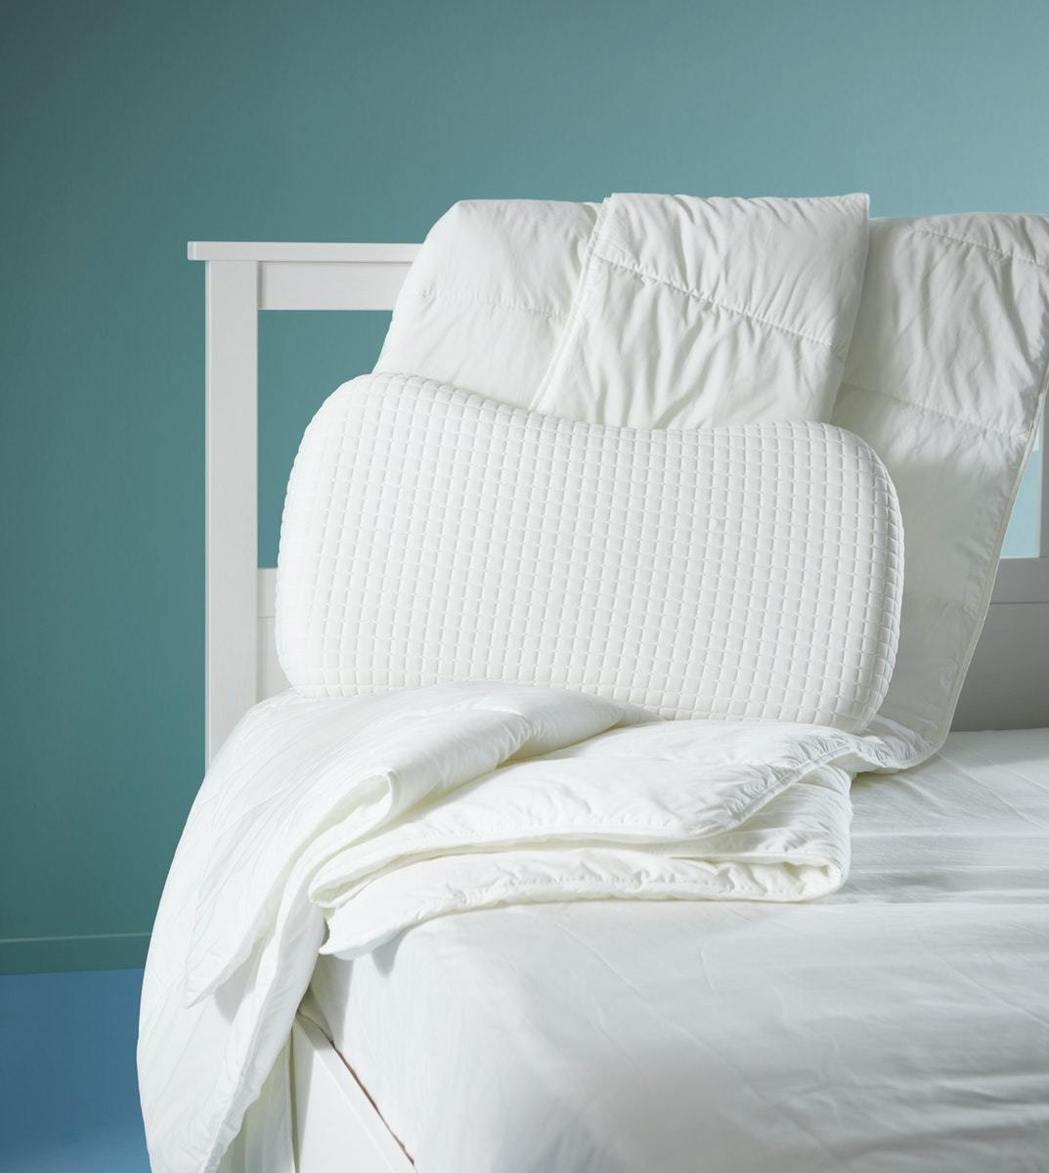 熱賣款KLUBBSPORRE人體工學枕的雙面設計能滿足四季不同需求,添加特殊的凝...